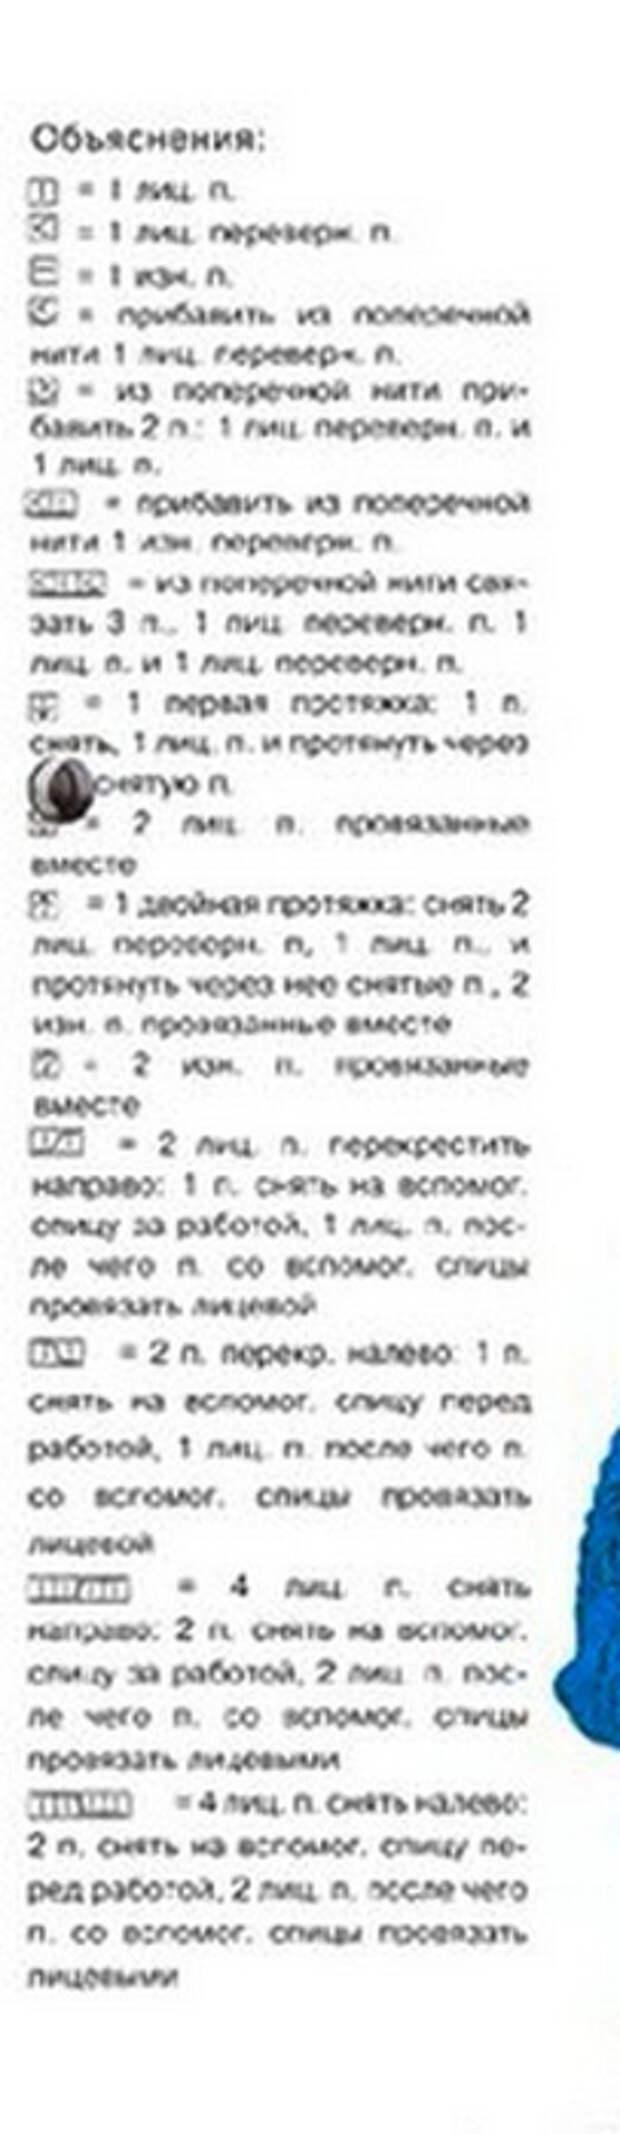 2-1997-02_10 (203x700, 85Kb)